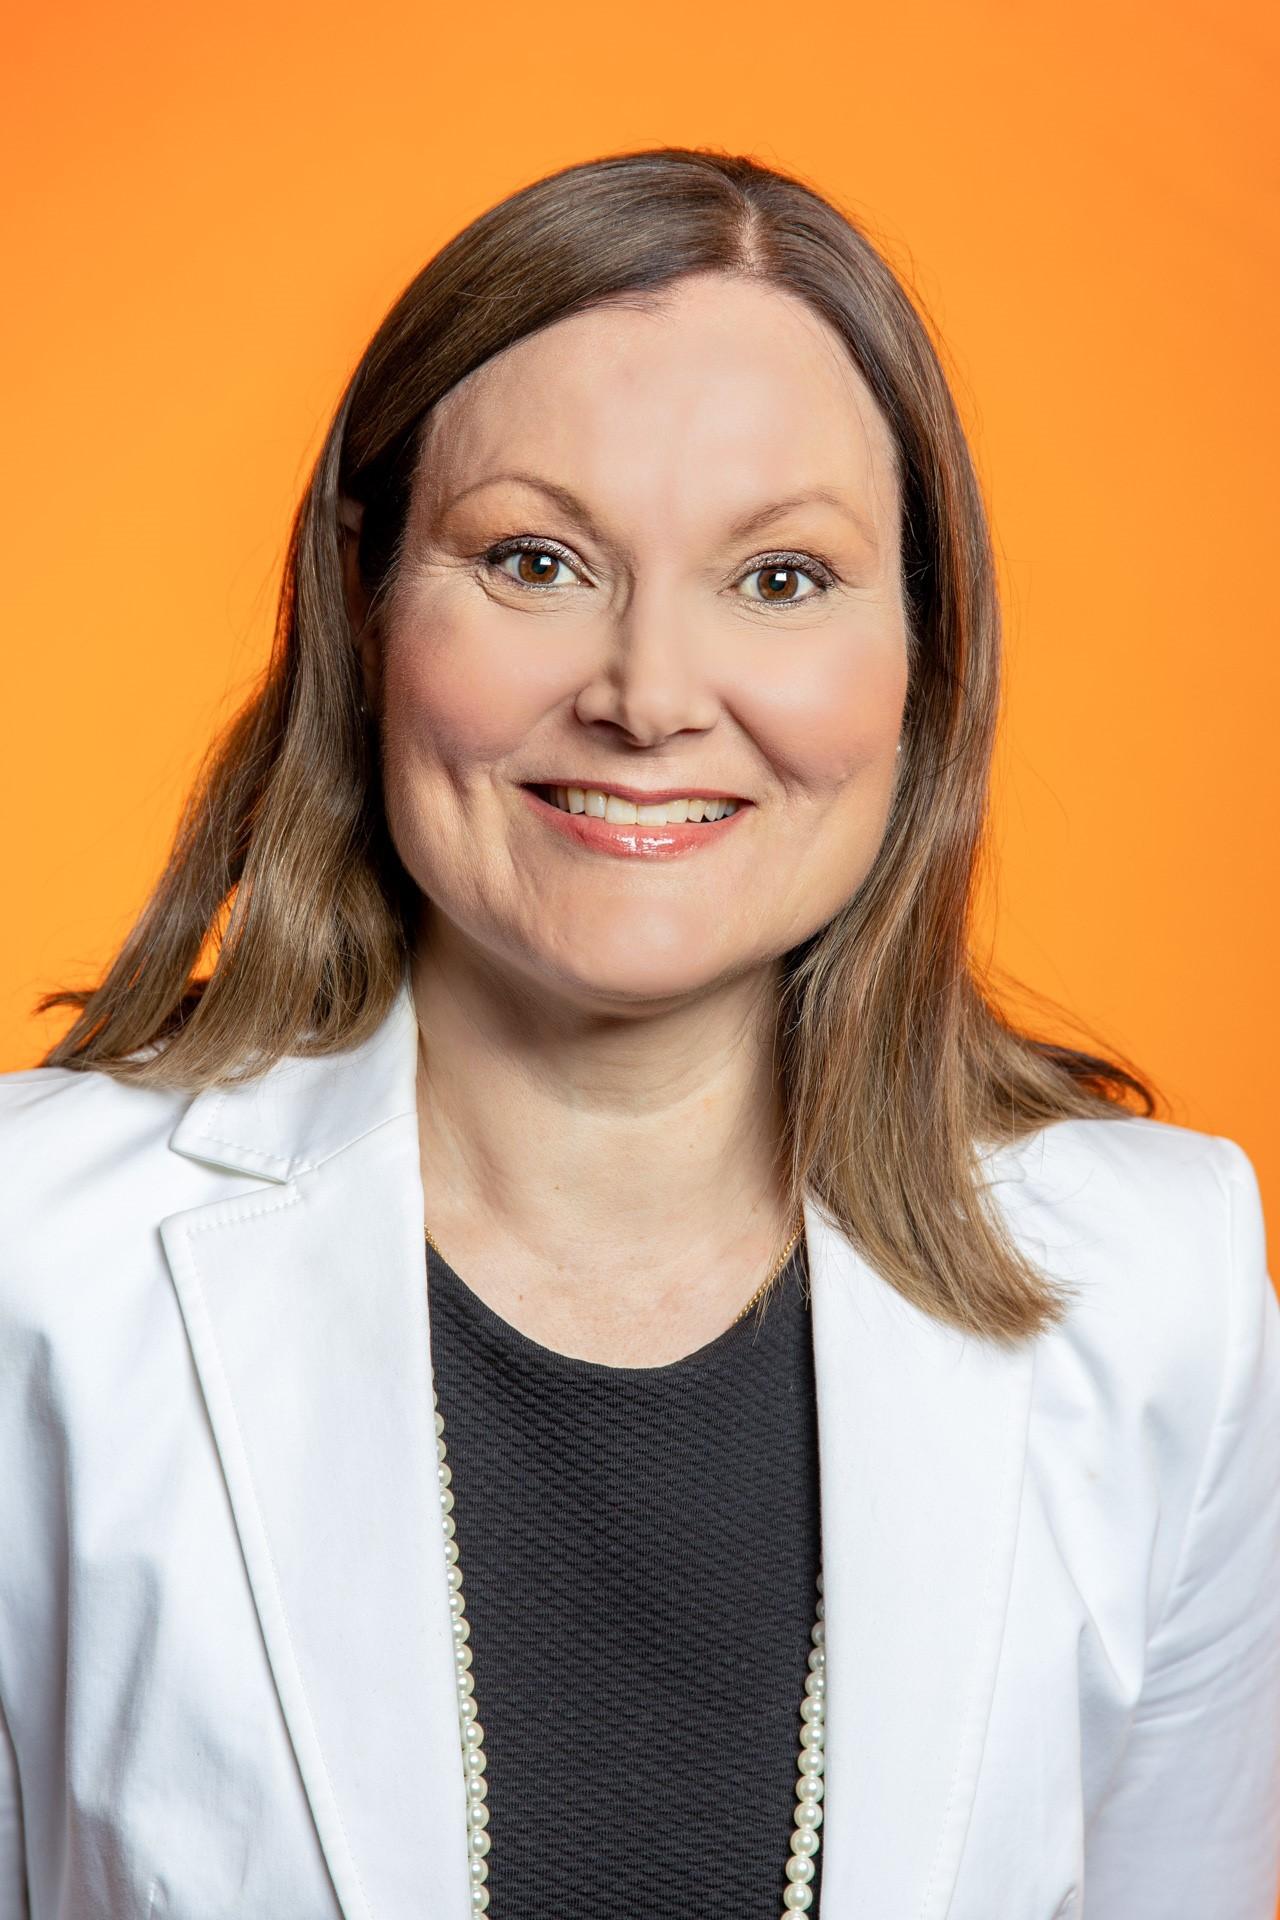 Eija Haapala